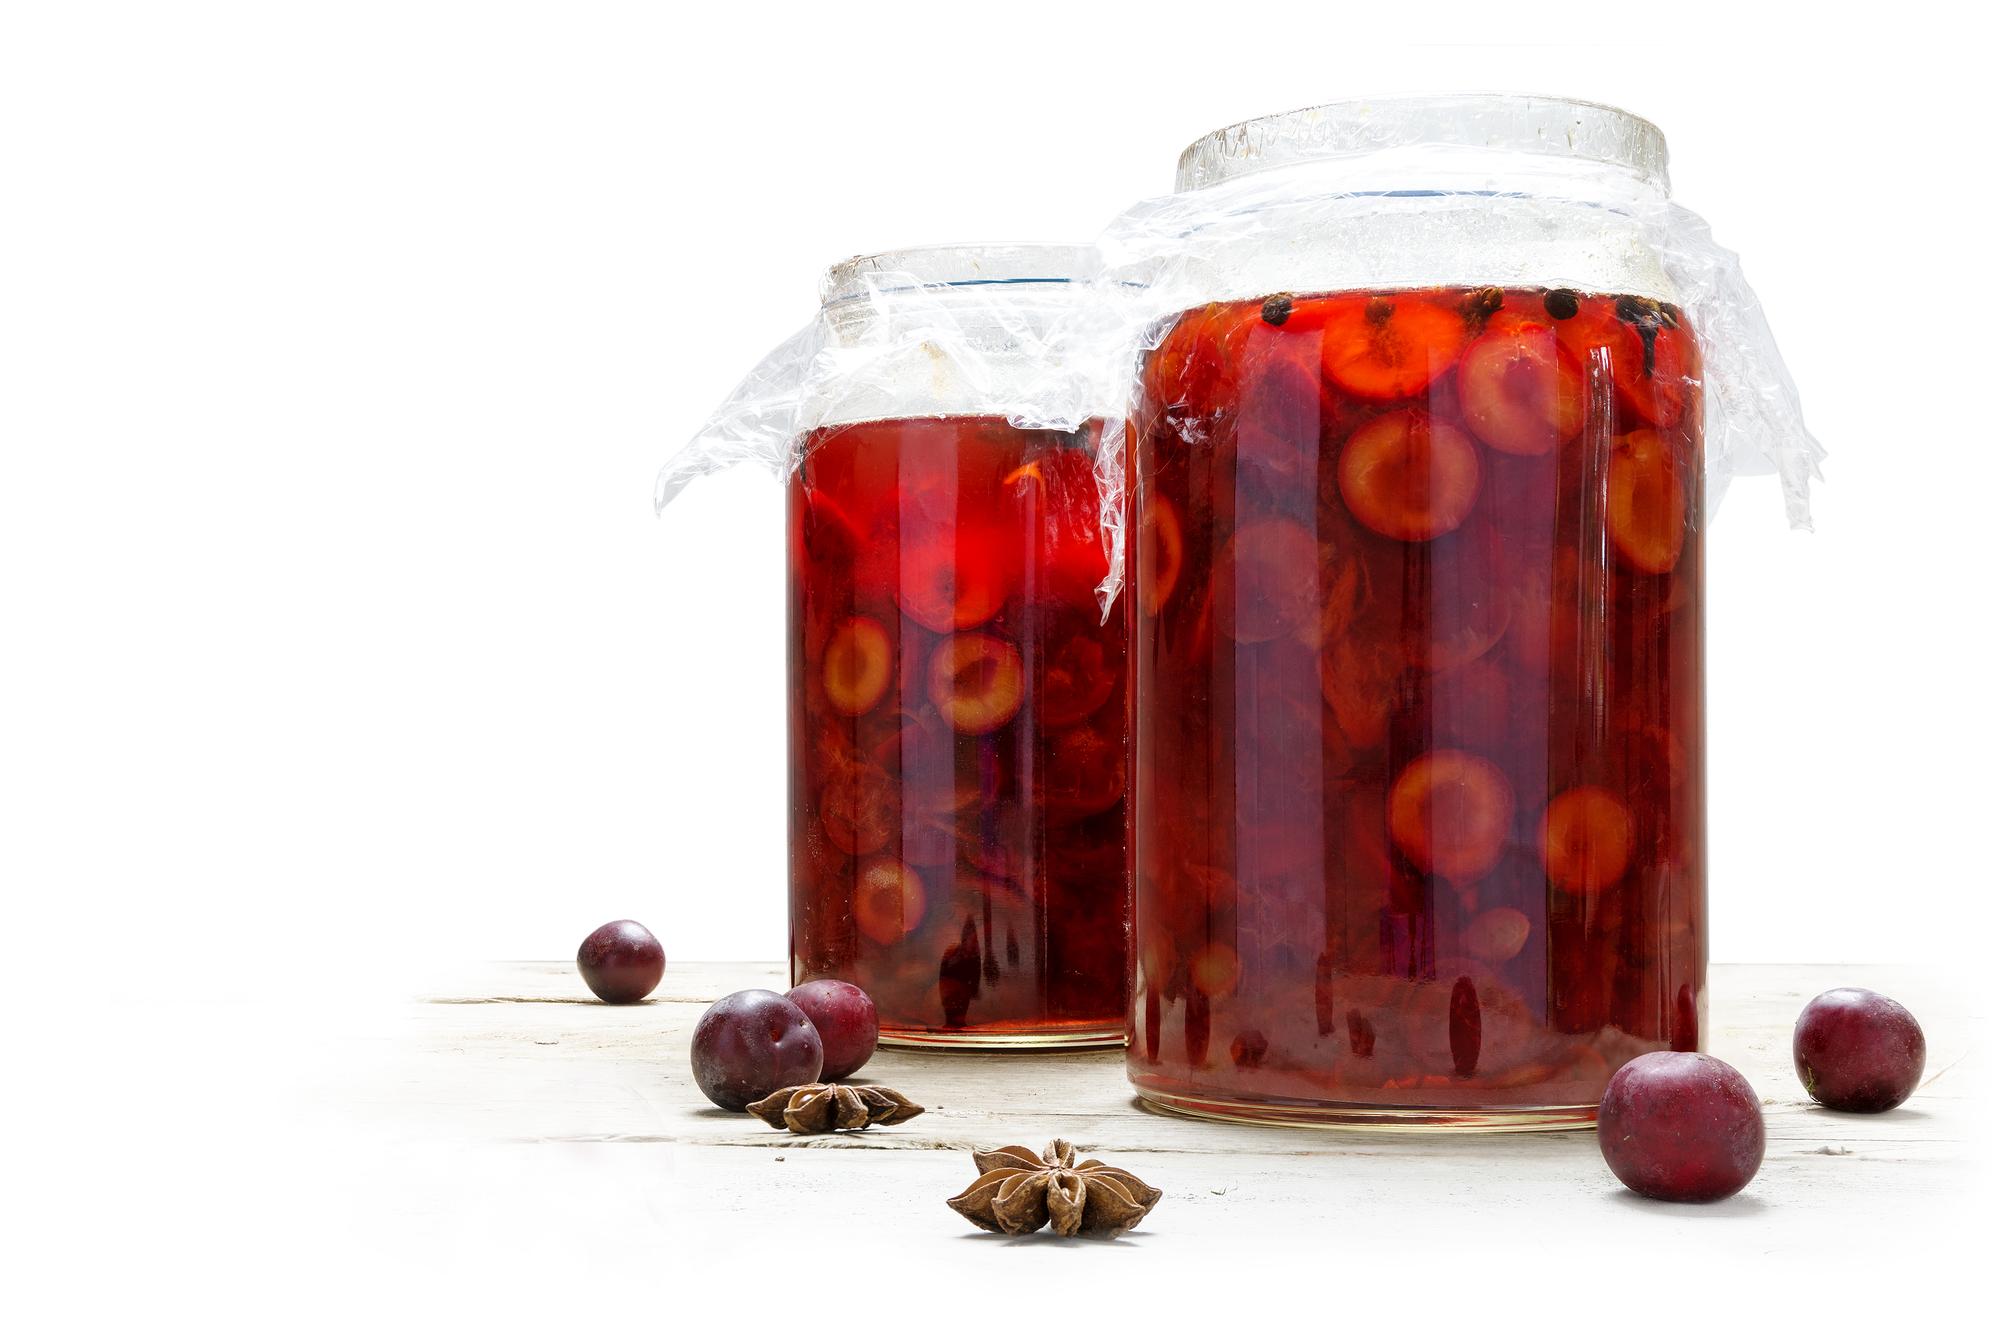 Варенье из черешни на зиму: пошаговый рецепт